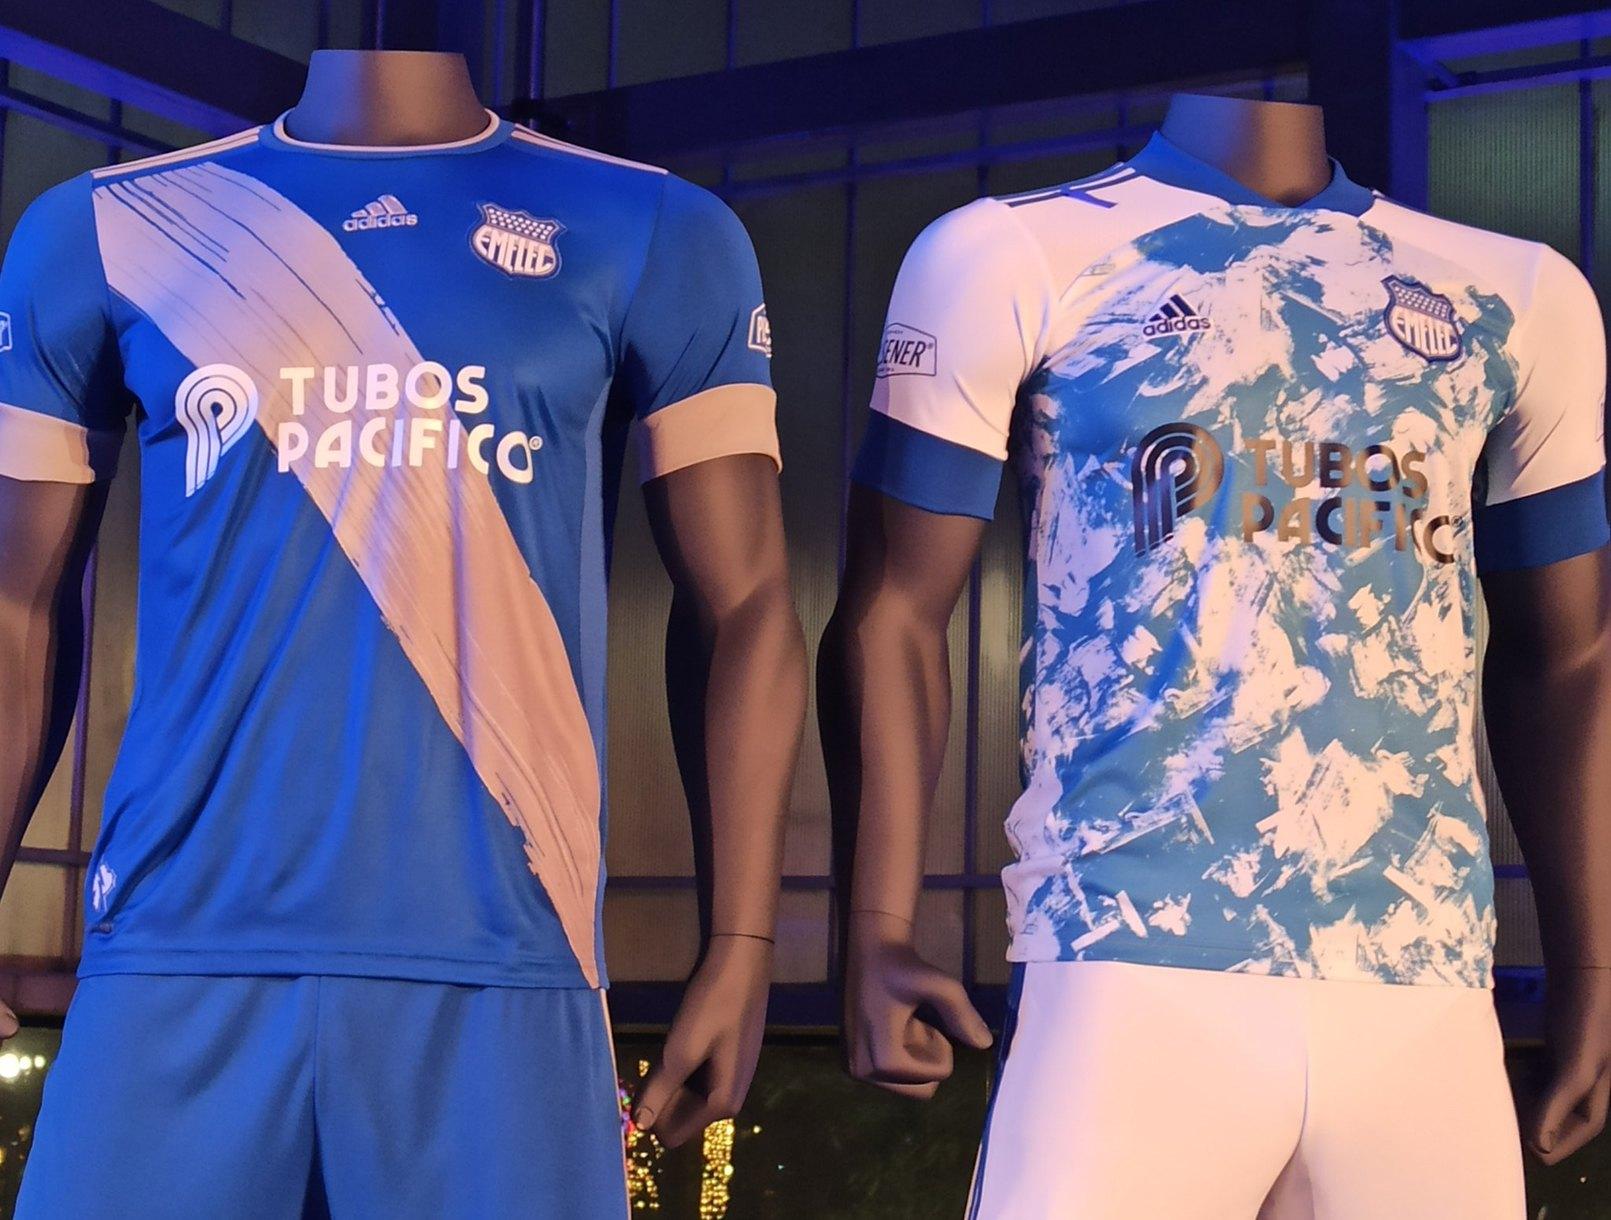 Camisetas Adidas 2020 del Emelec | Imagen Twitter @ElCanalDFutbol